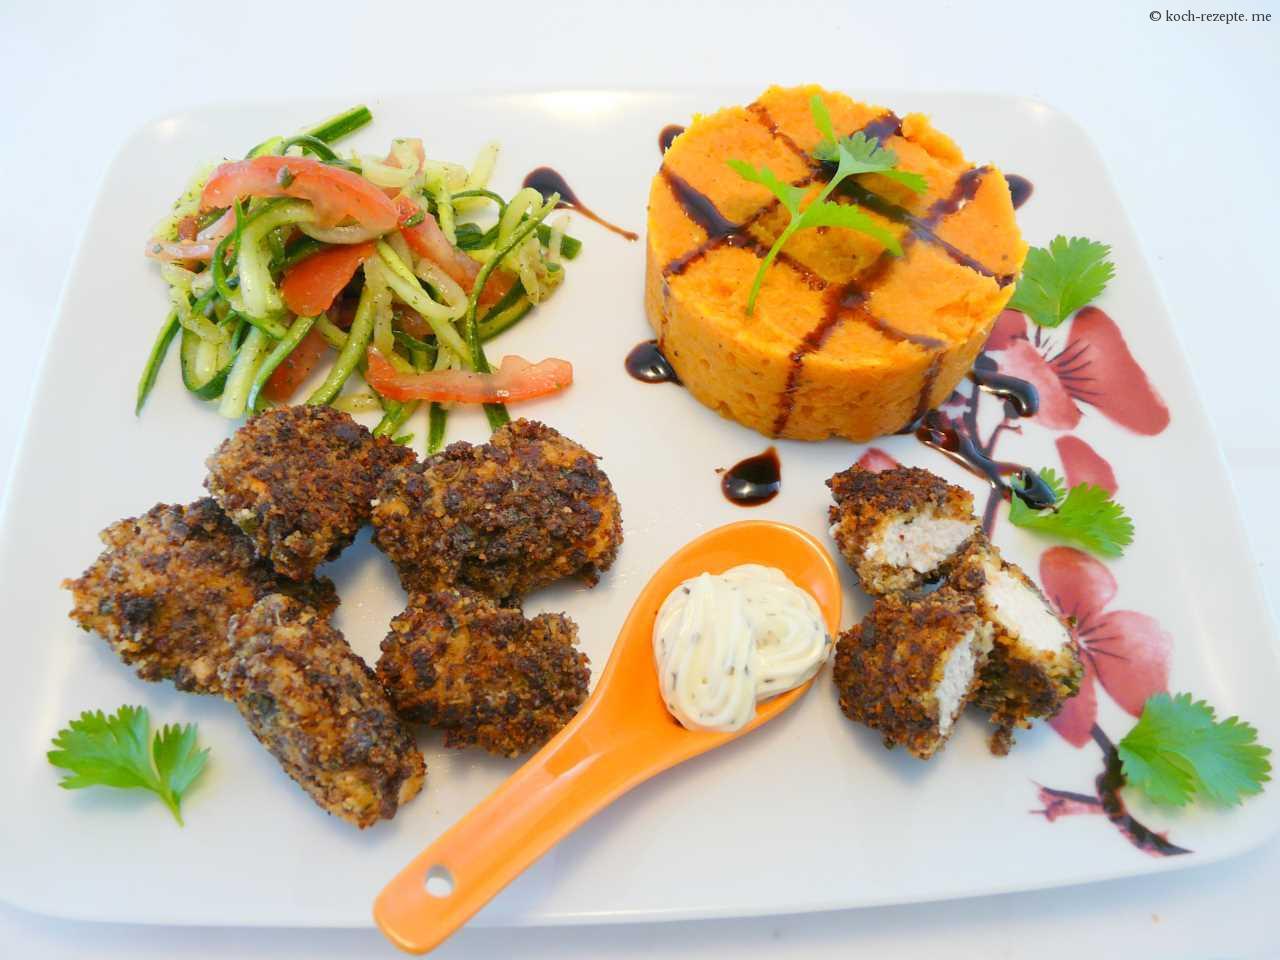 feines Menü: Hähnchenpralinen mit Süßkartoffelpüree und Gurkensalat